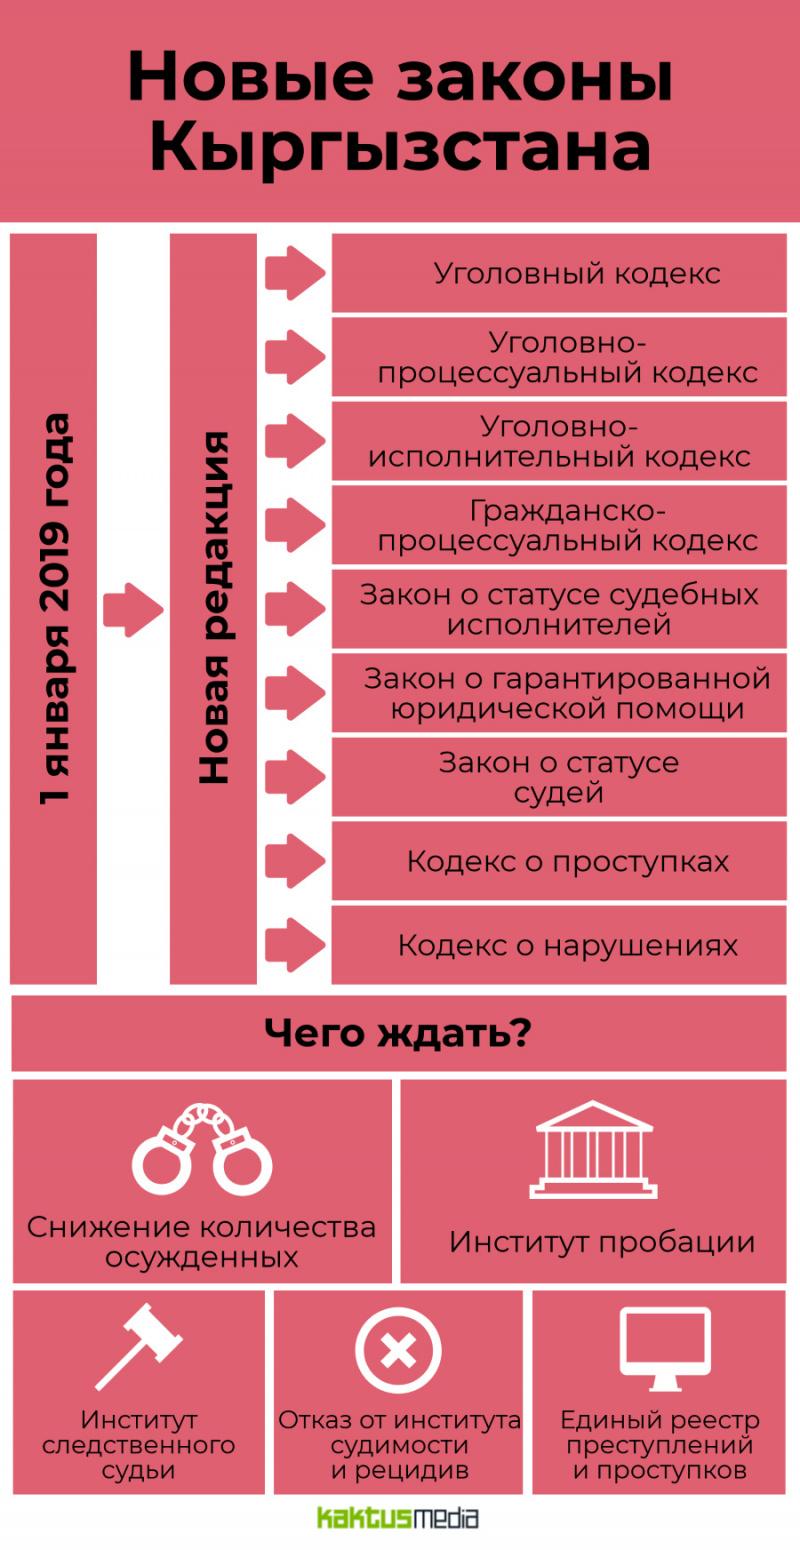 Какие инстанции рассматривают документы на гражданство по госпрограмме